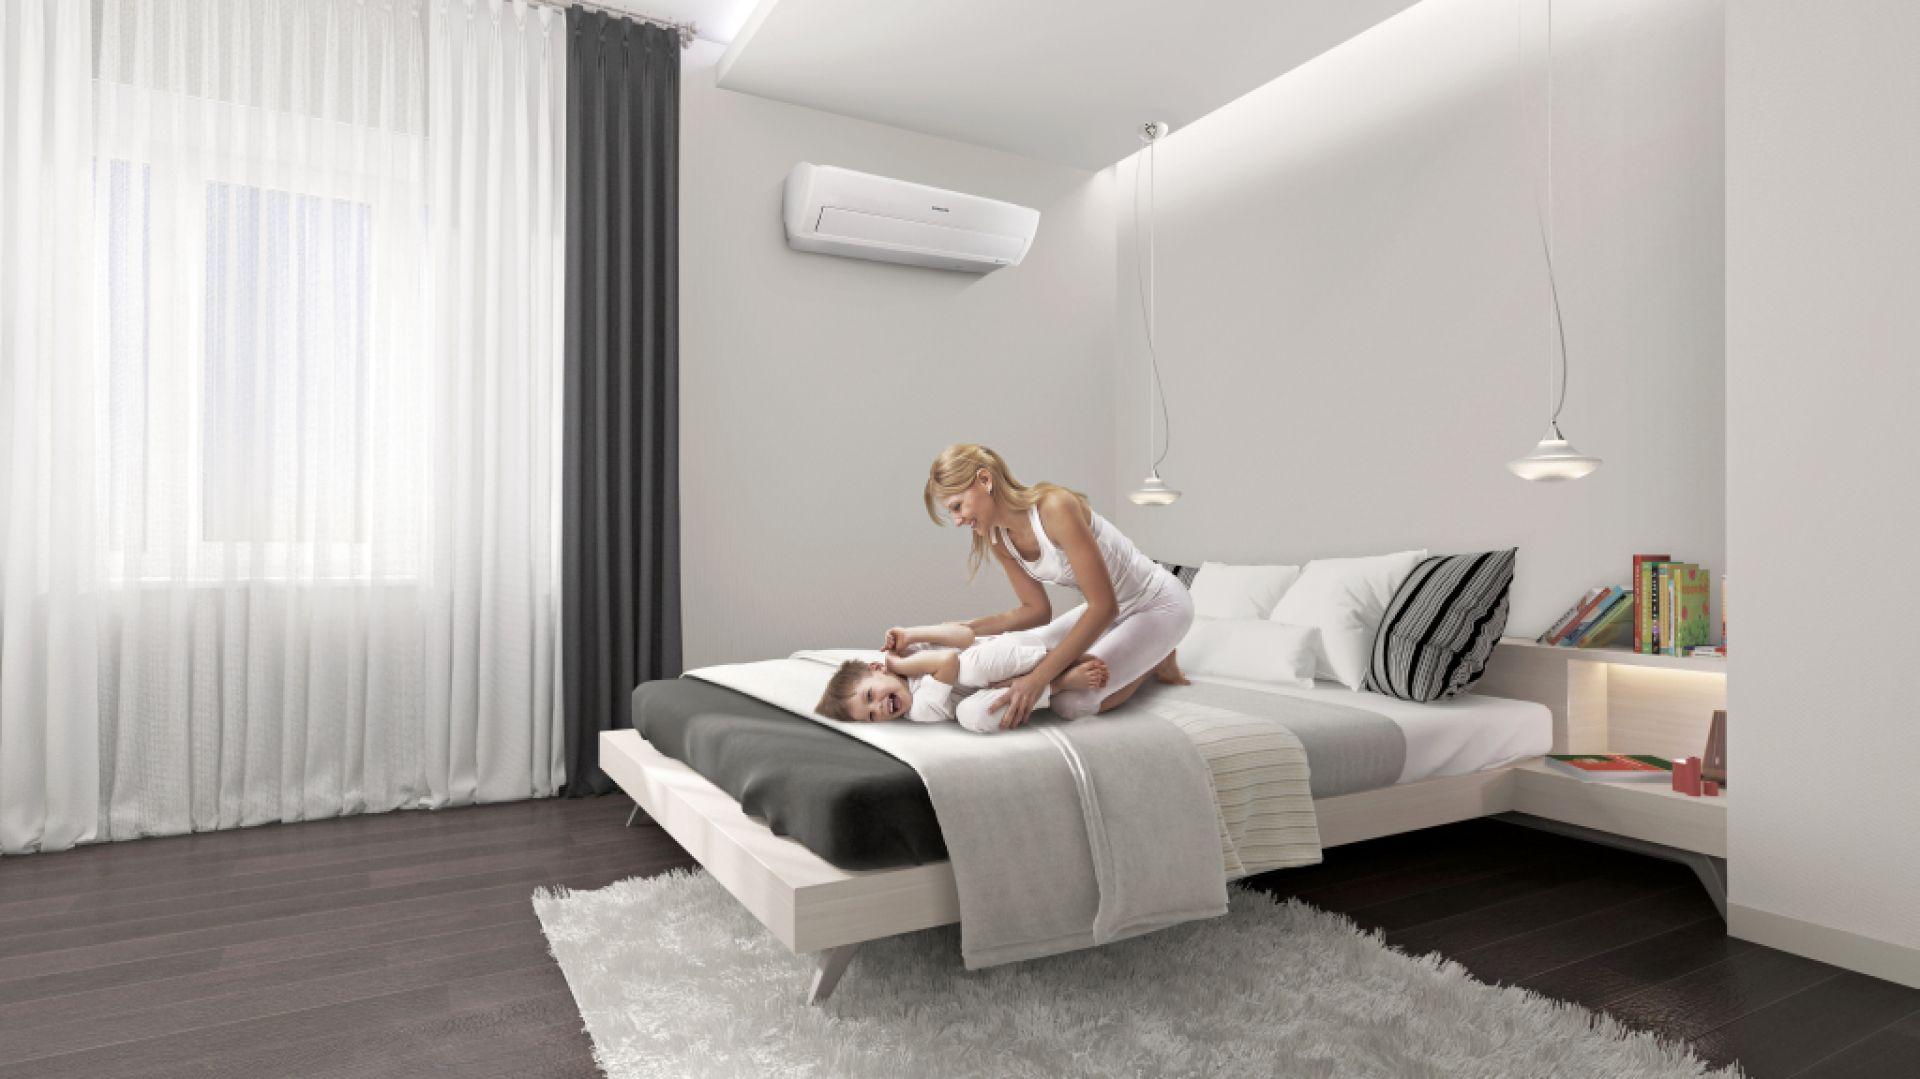 Nowoczesne klimatyzatory wyposażone są w oczyszczacze, które nie tylko nie szkodzą naszemu zdrowiu, ale poprawiają jakość powietrza, dzięki czemu alergicy, osoby starsze i dzieci mogą oddychać spokojnie. Fot. Samsung